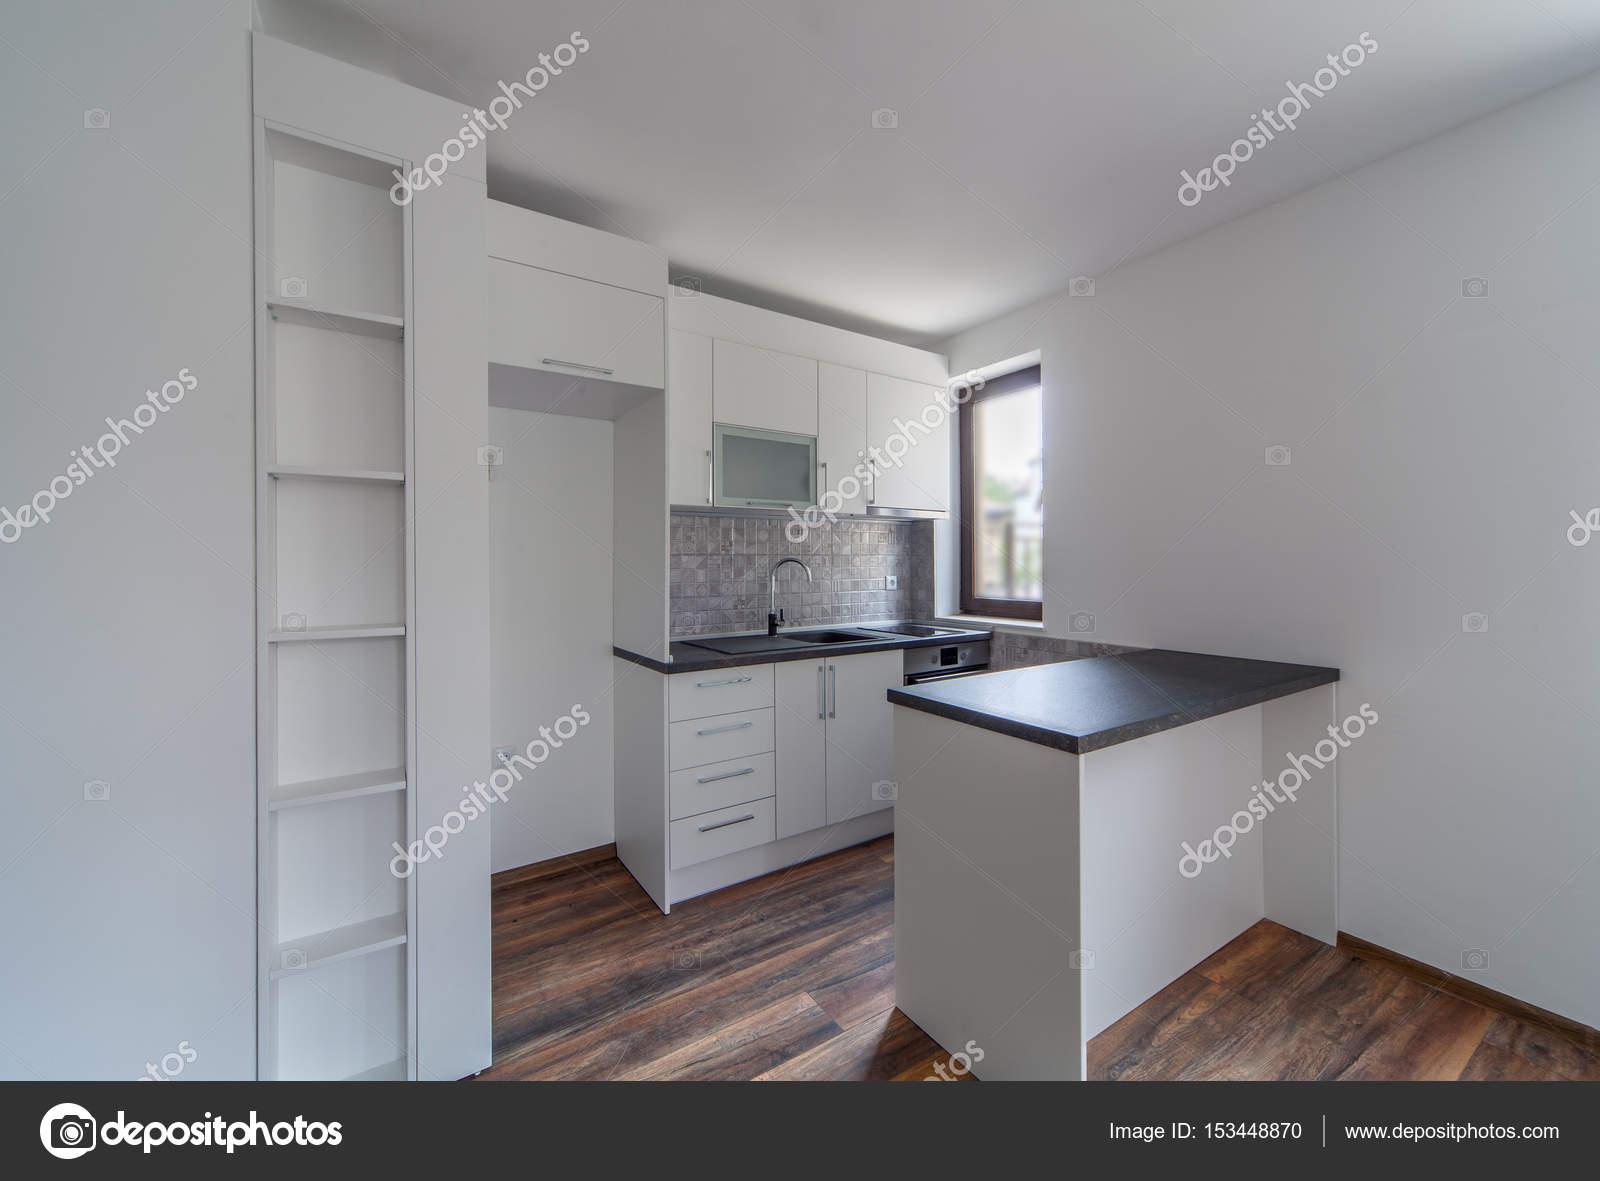 Nova Cozinha Branca Moderna E Vazia Nova Casa Fotografia De